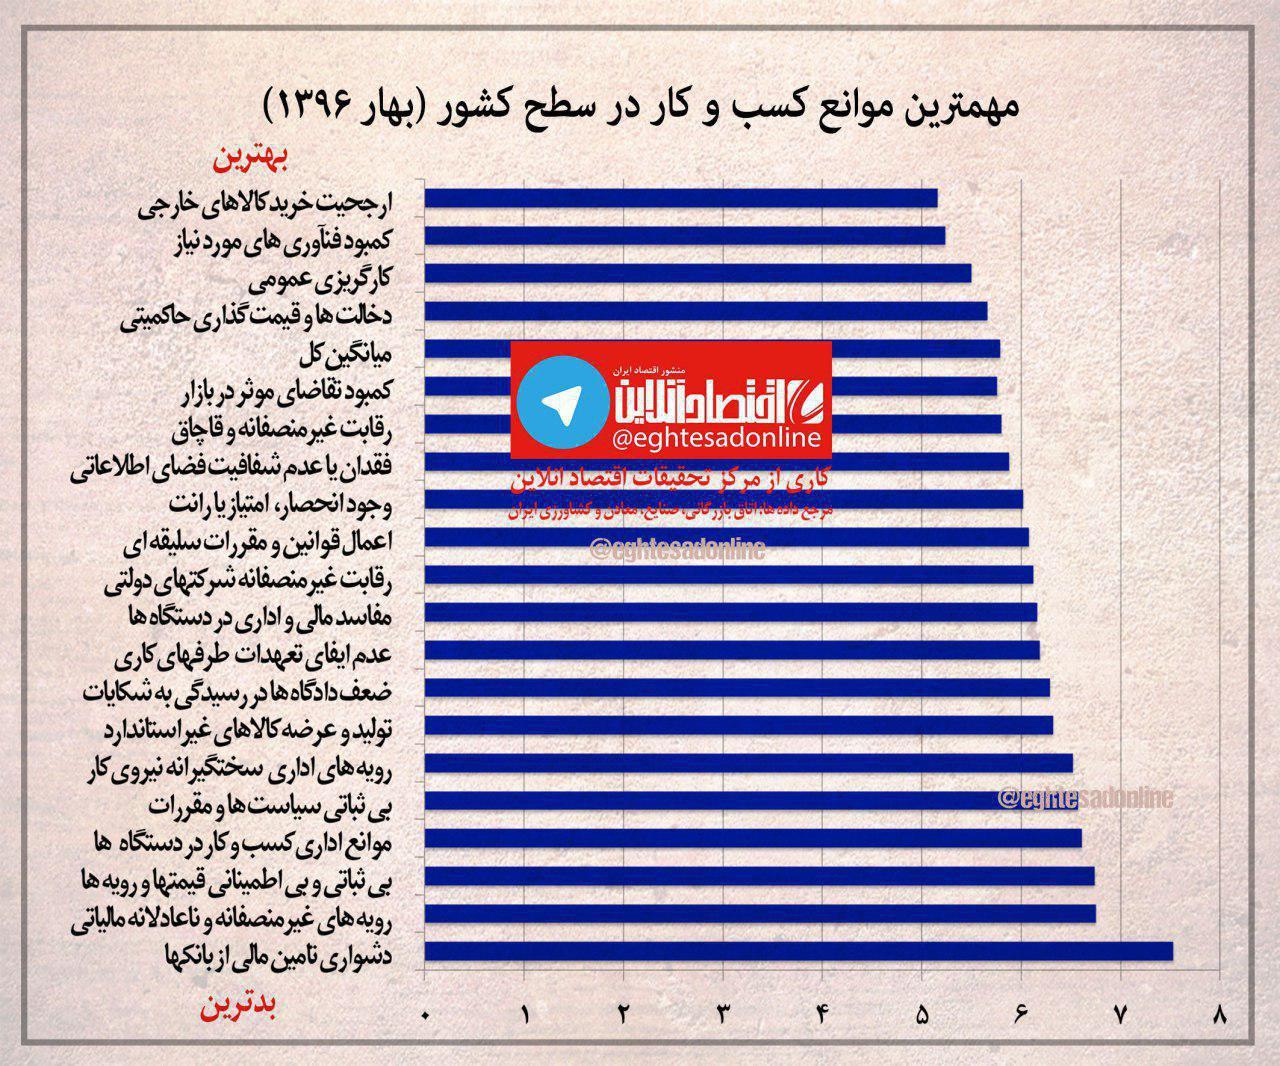 مهمترین موانع کسب و کار در ایران